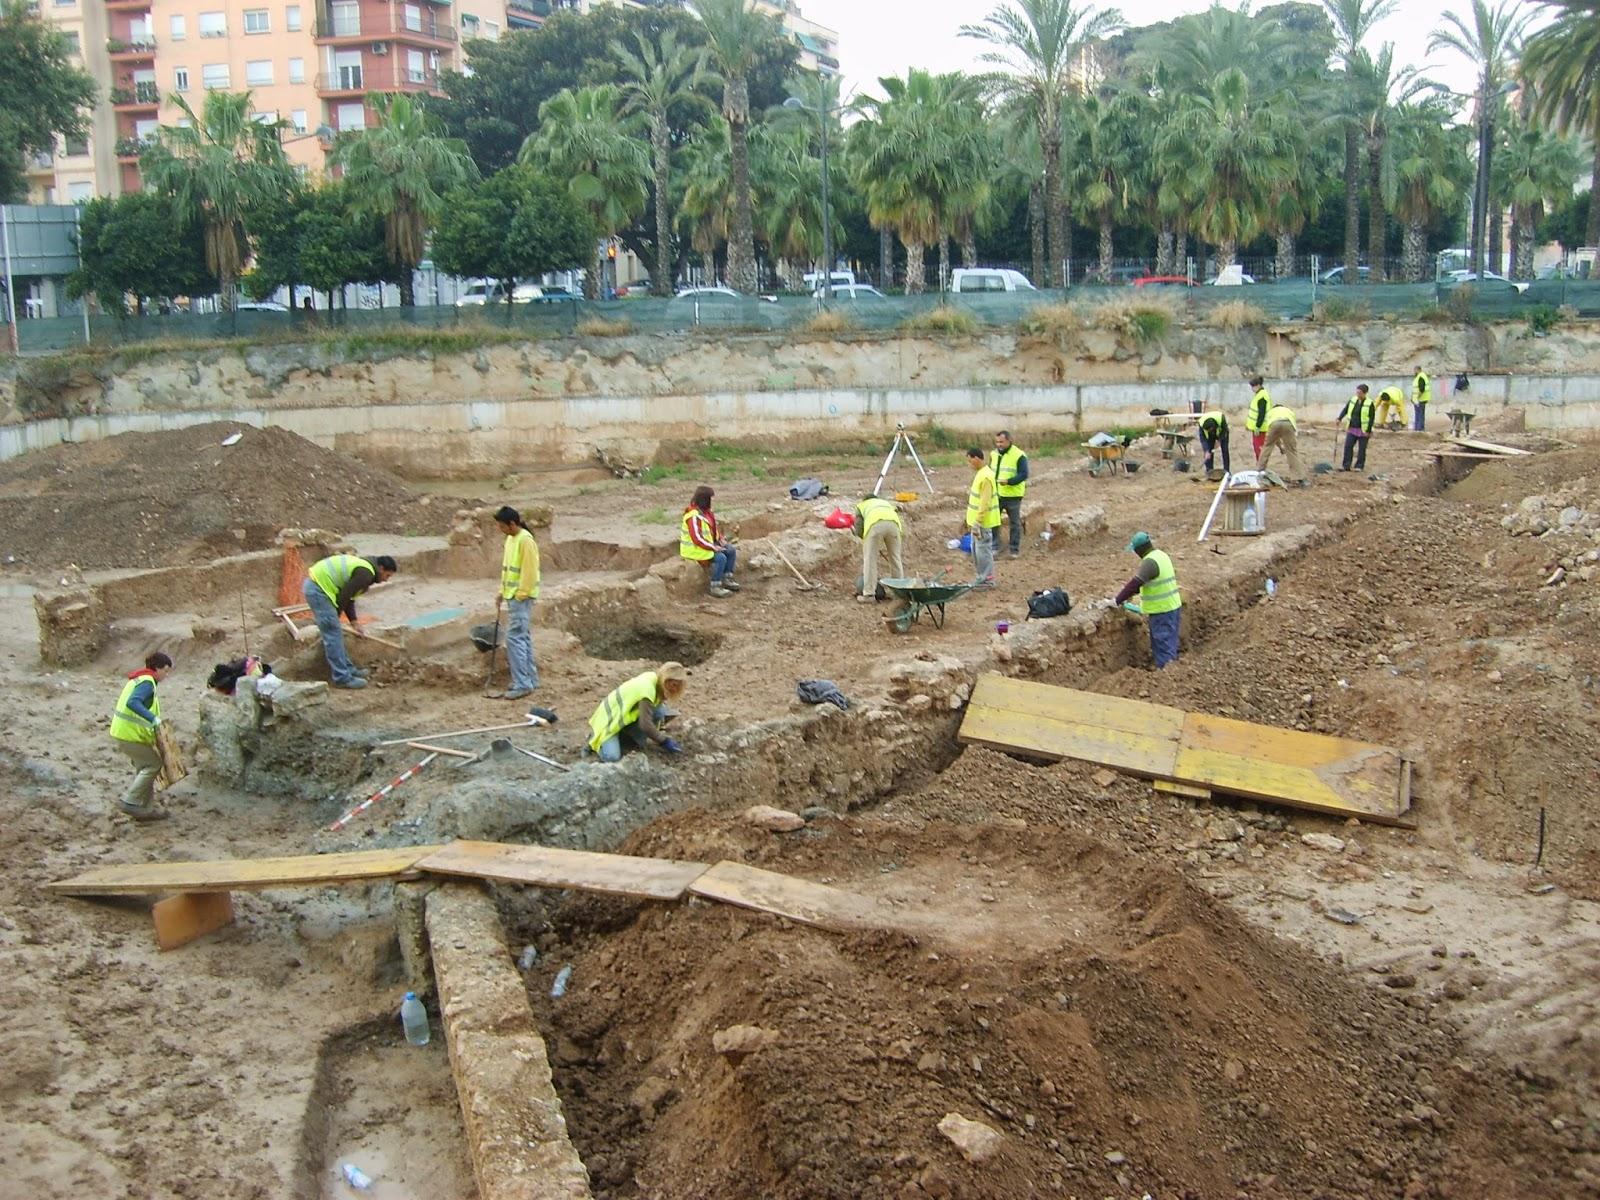 Ruinas calle Ruaya - Sagunto de Valencia, abril 2009